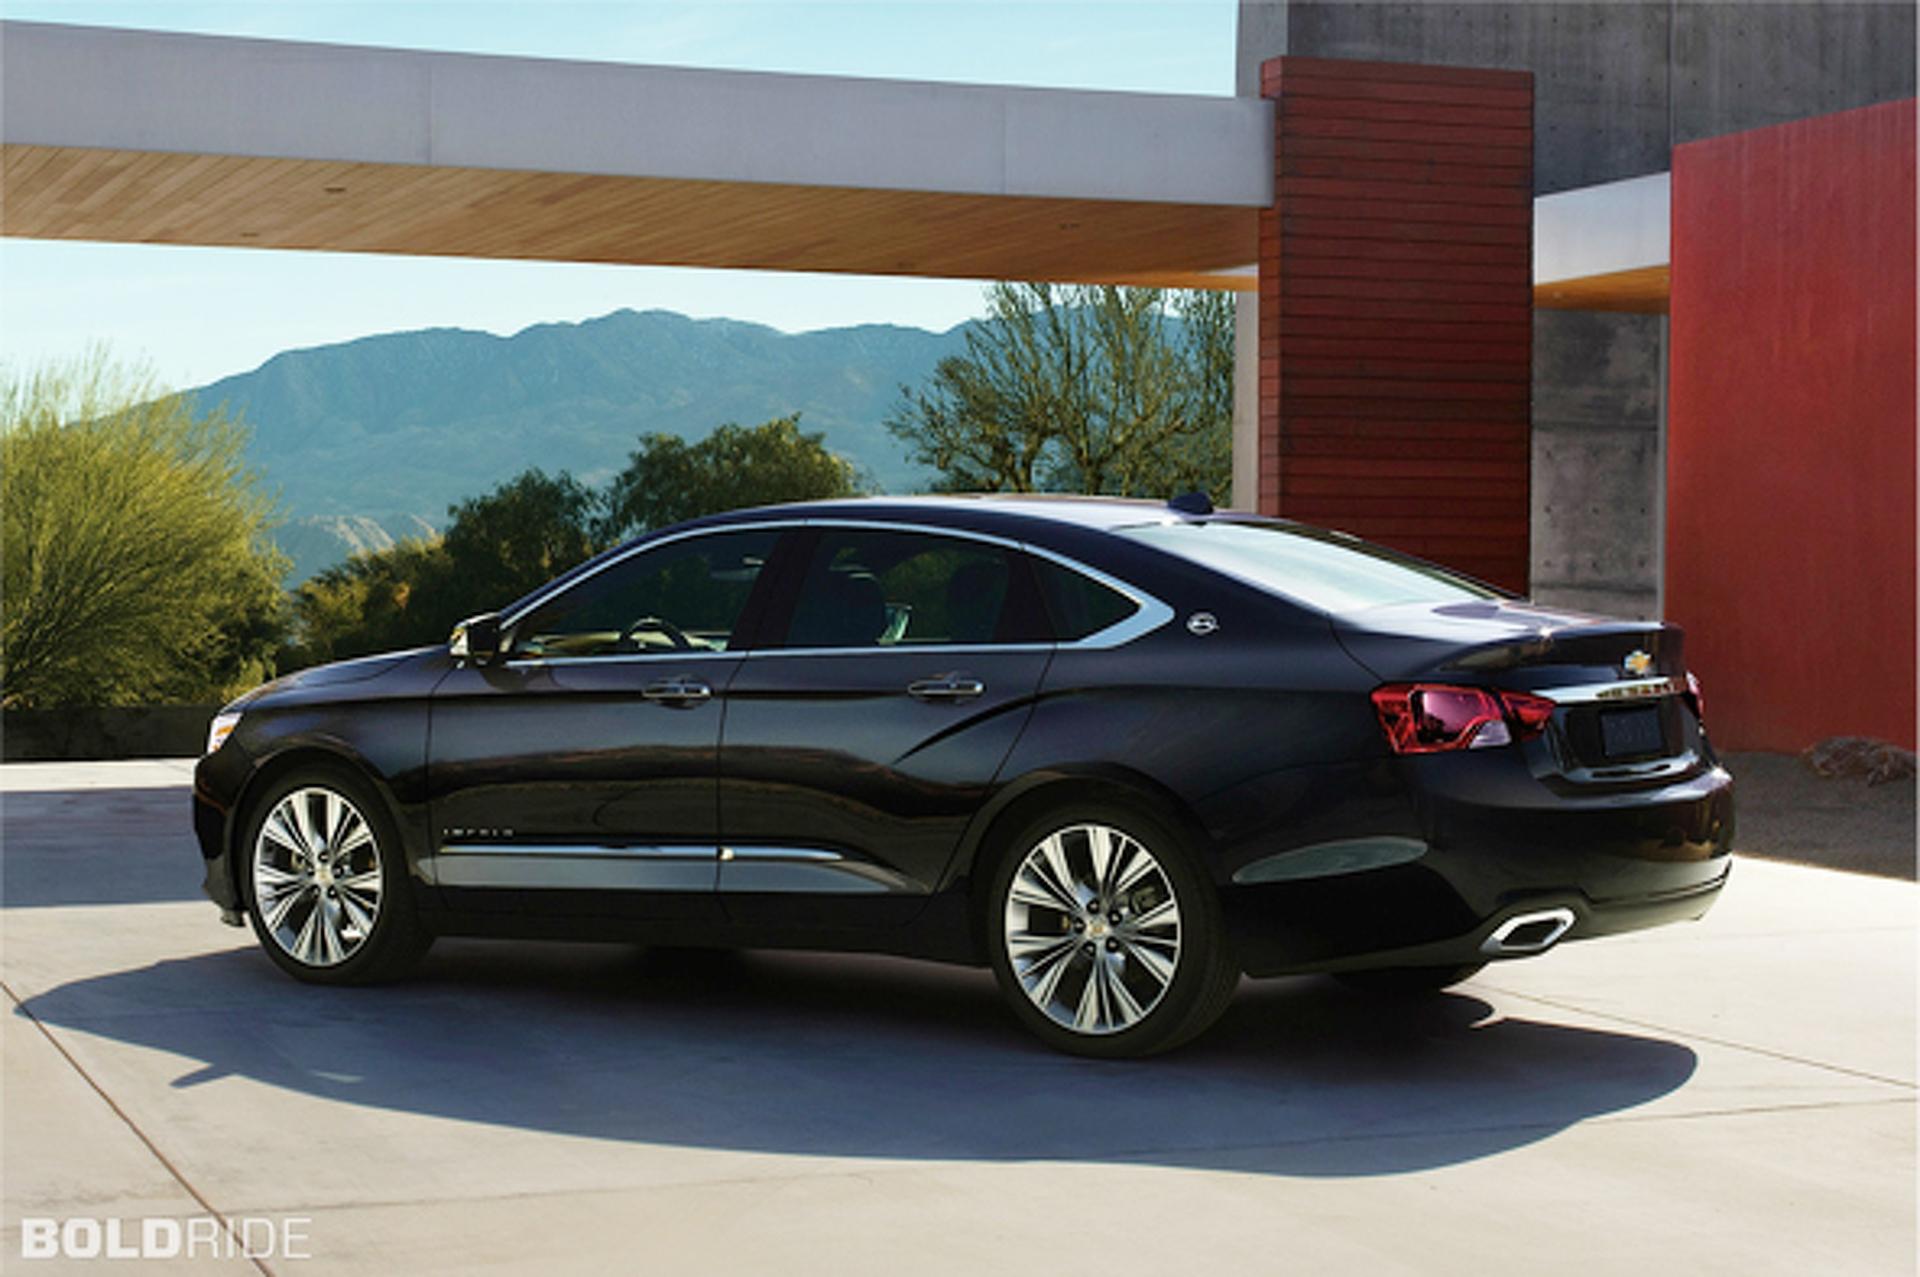 Future Ride 2014 Chevrolet Impala